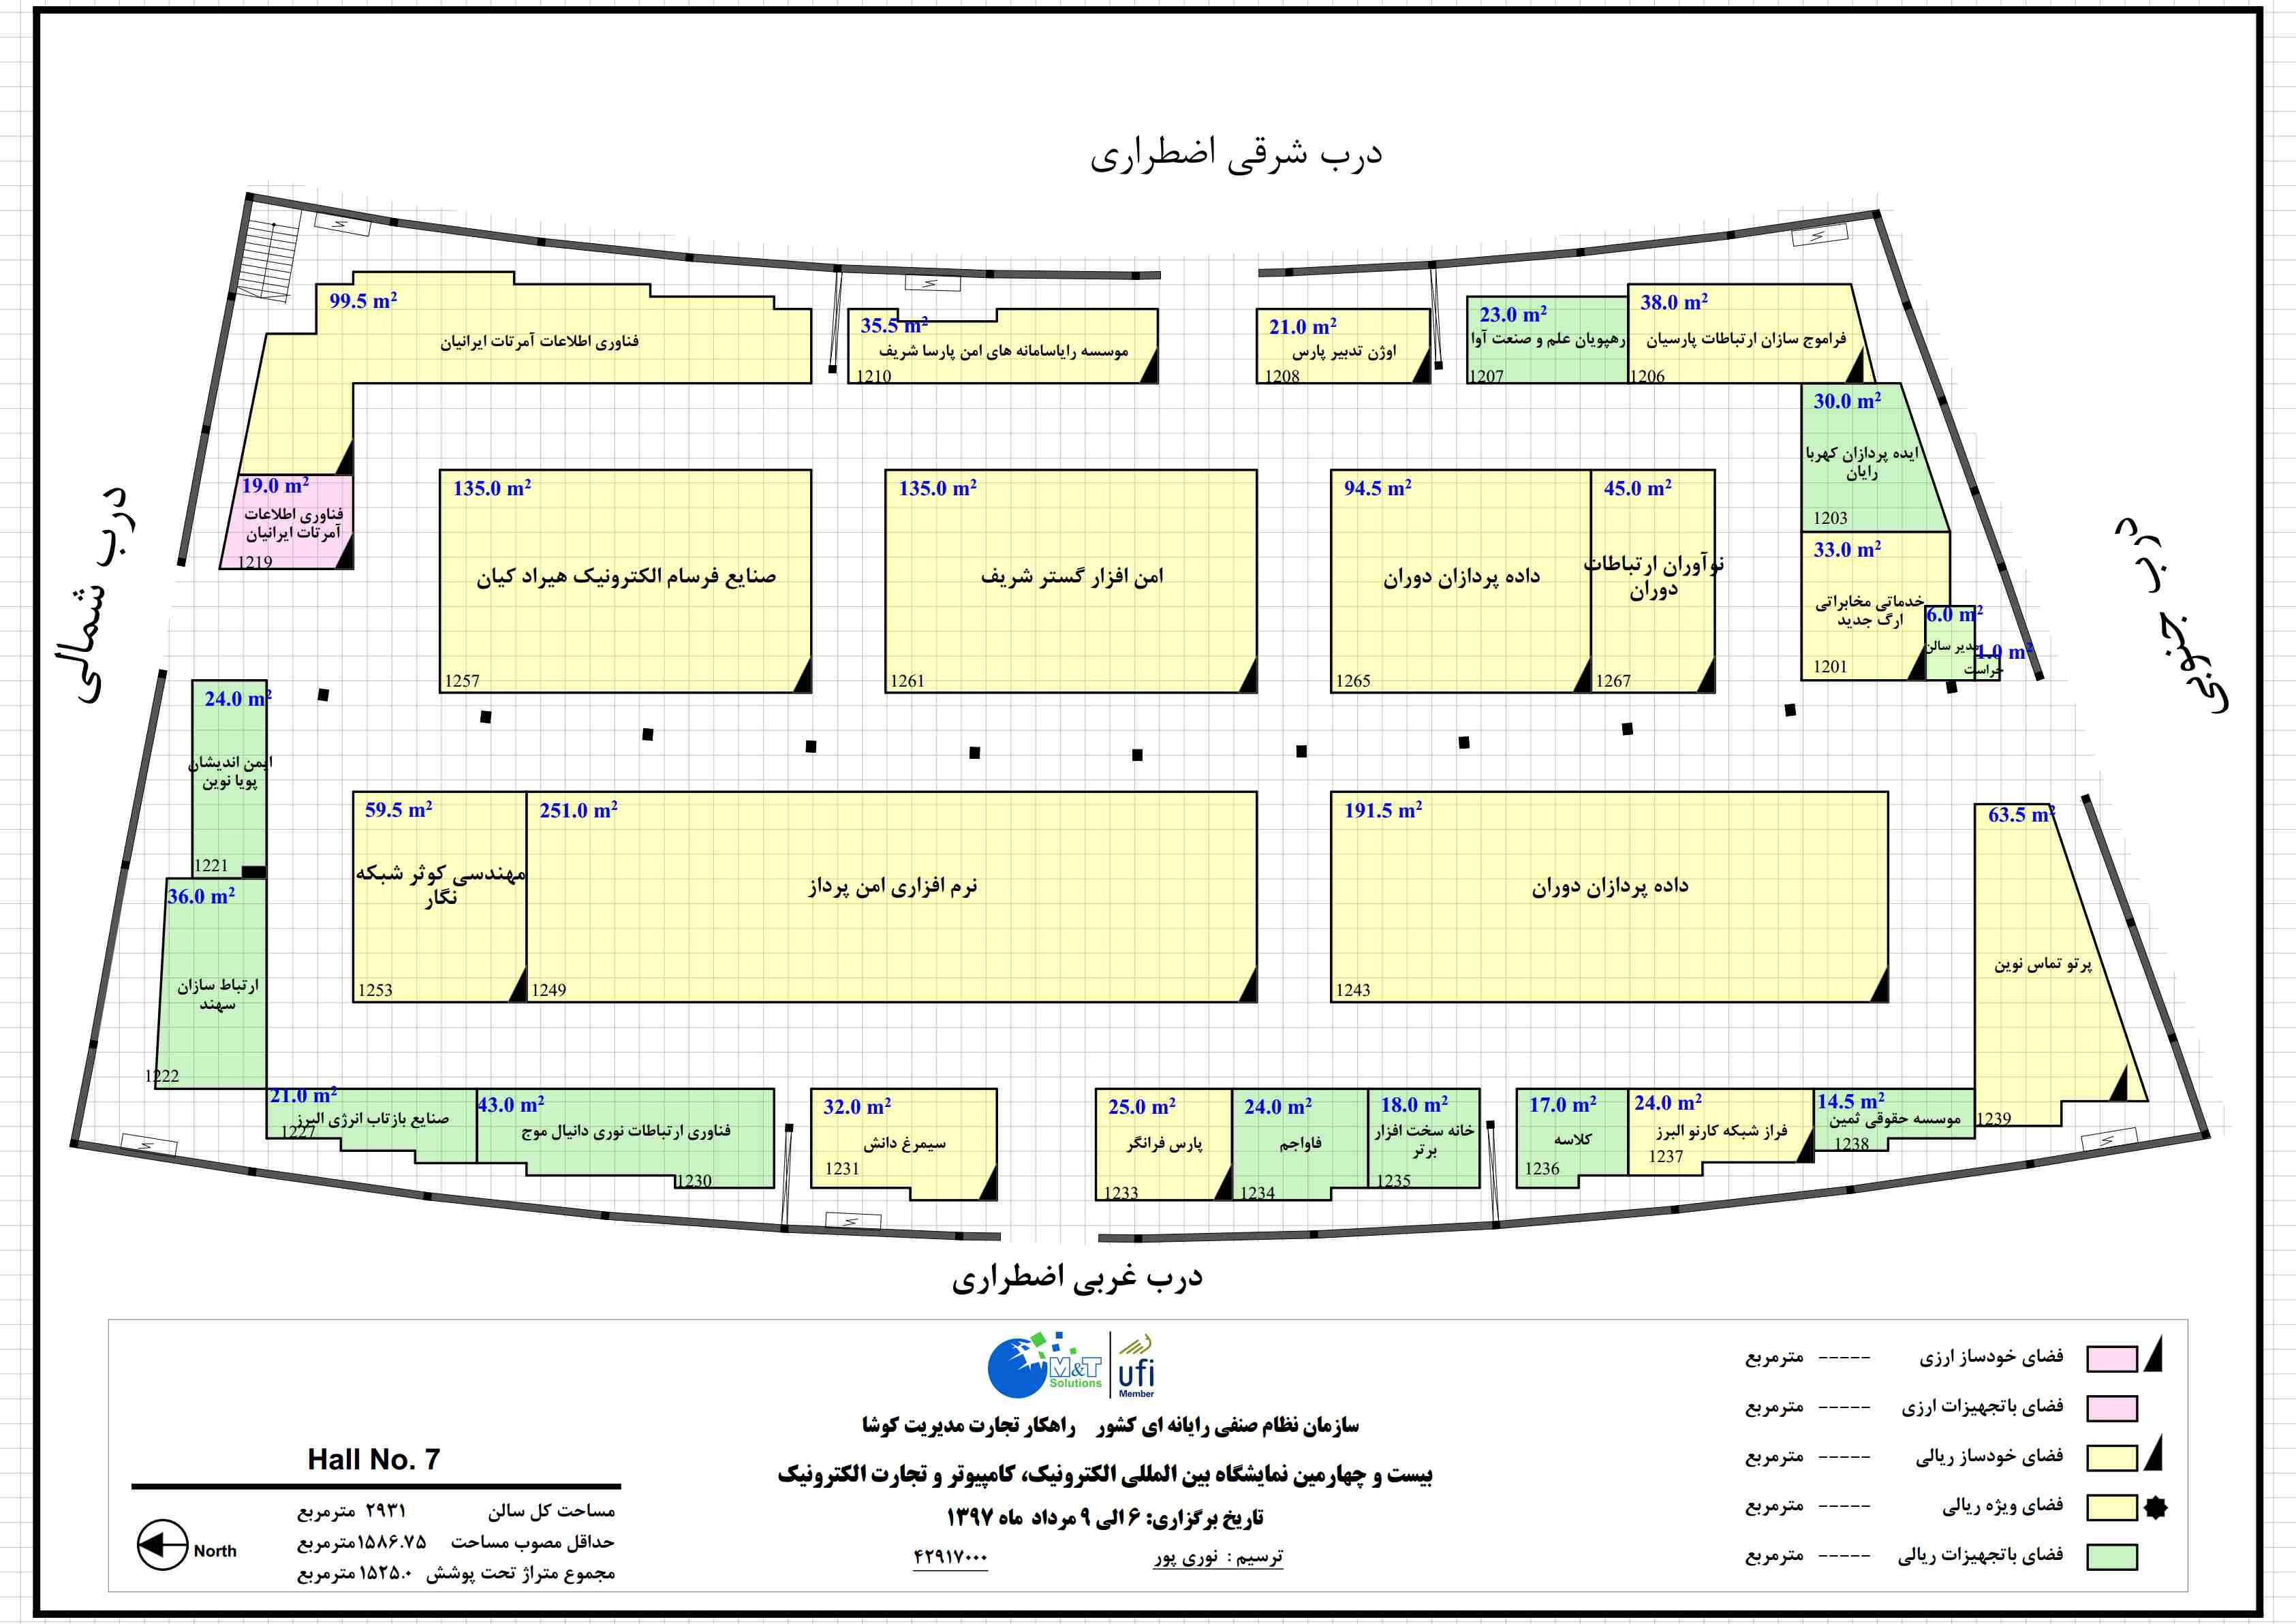 نقشه راهنمای نمایشگاه الکامپ تهران سالن 7